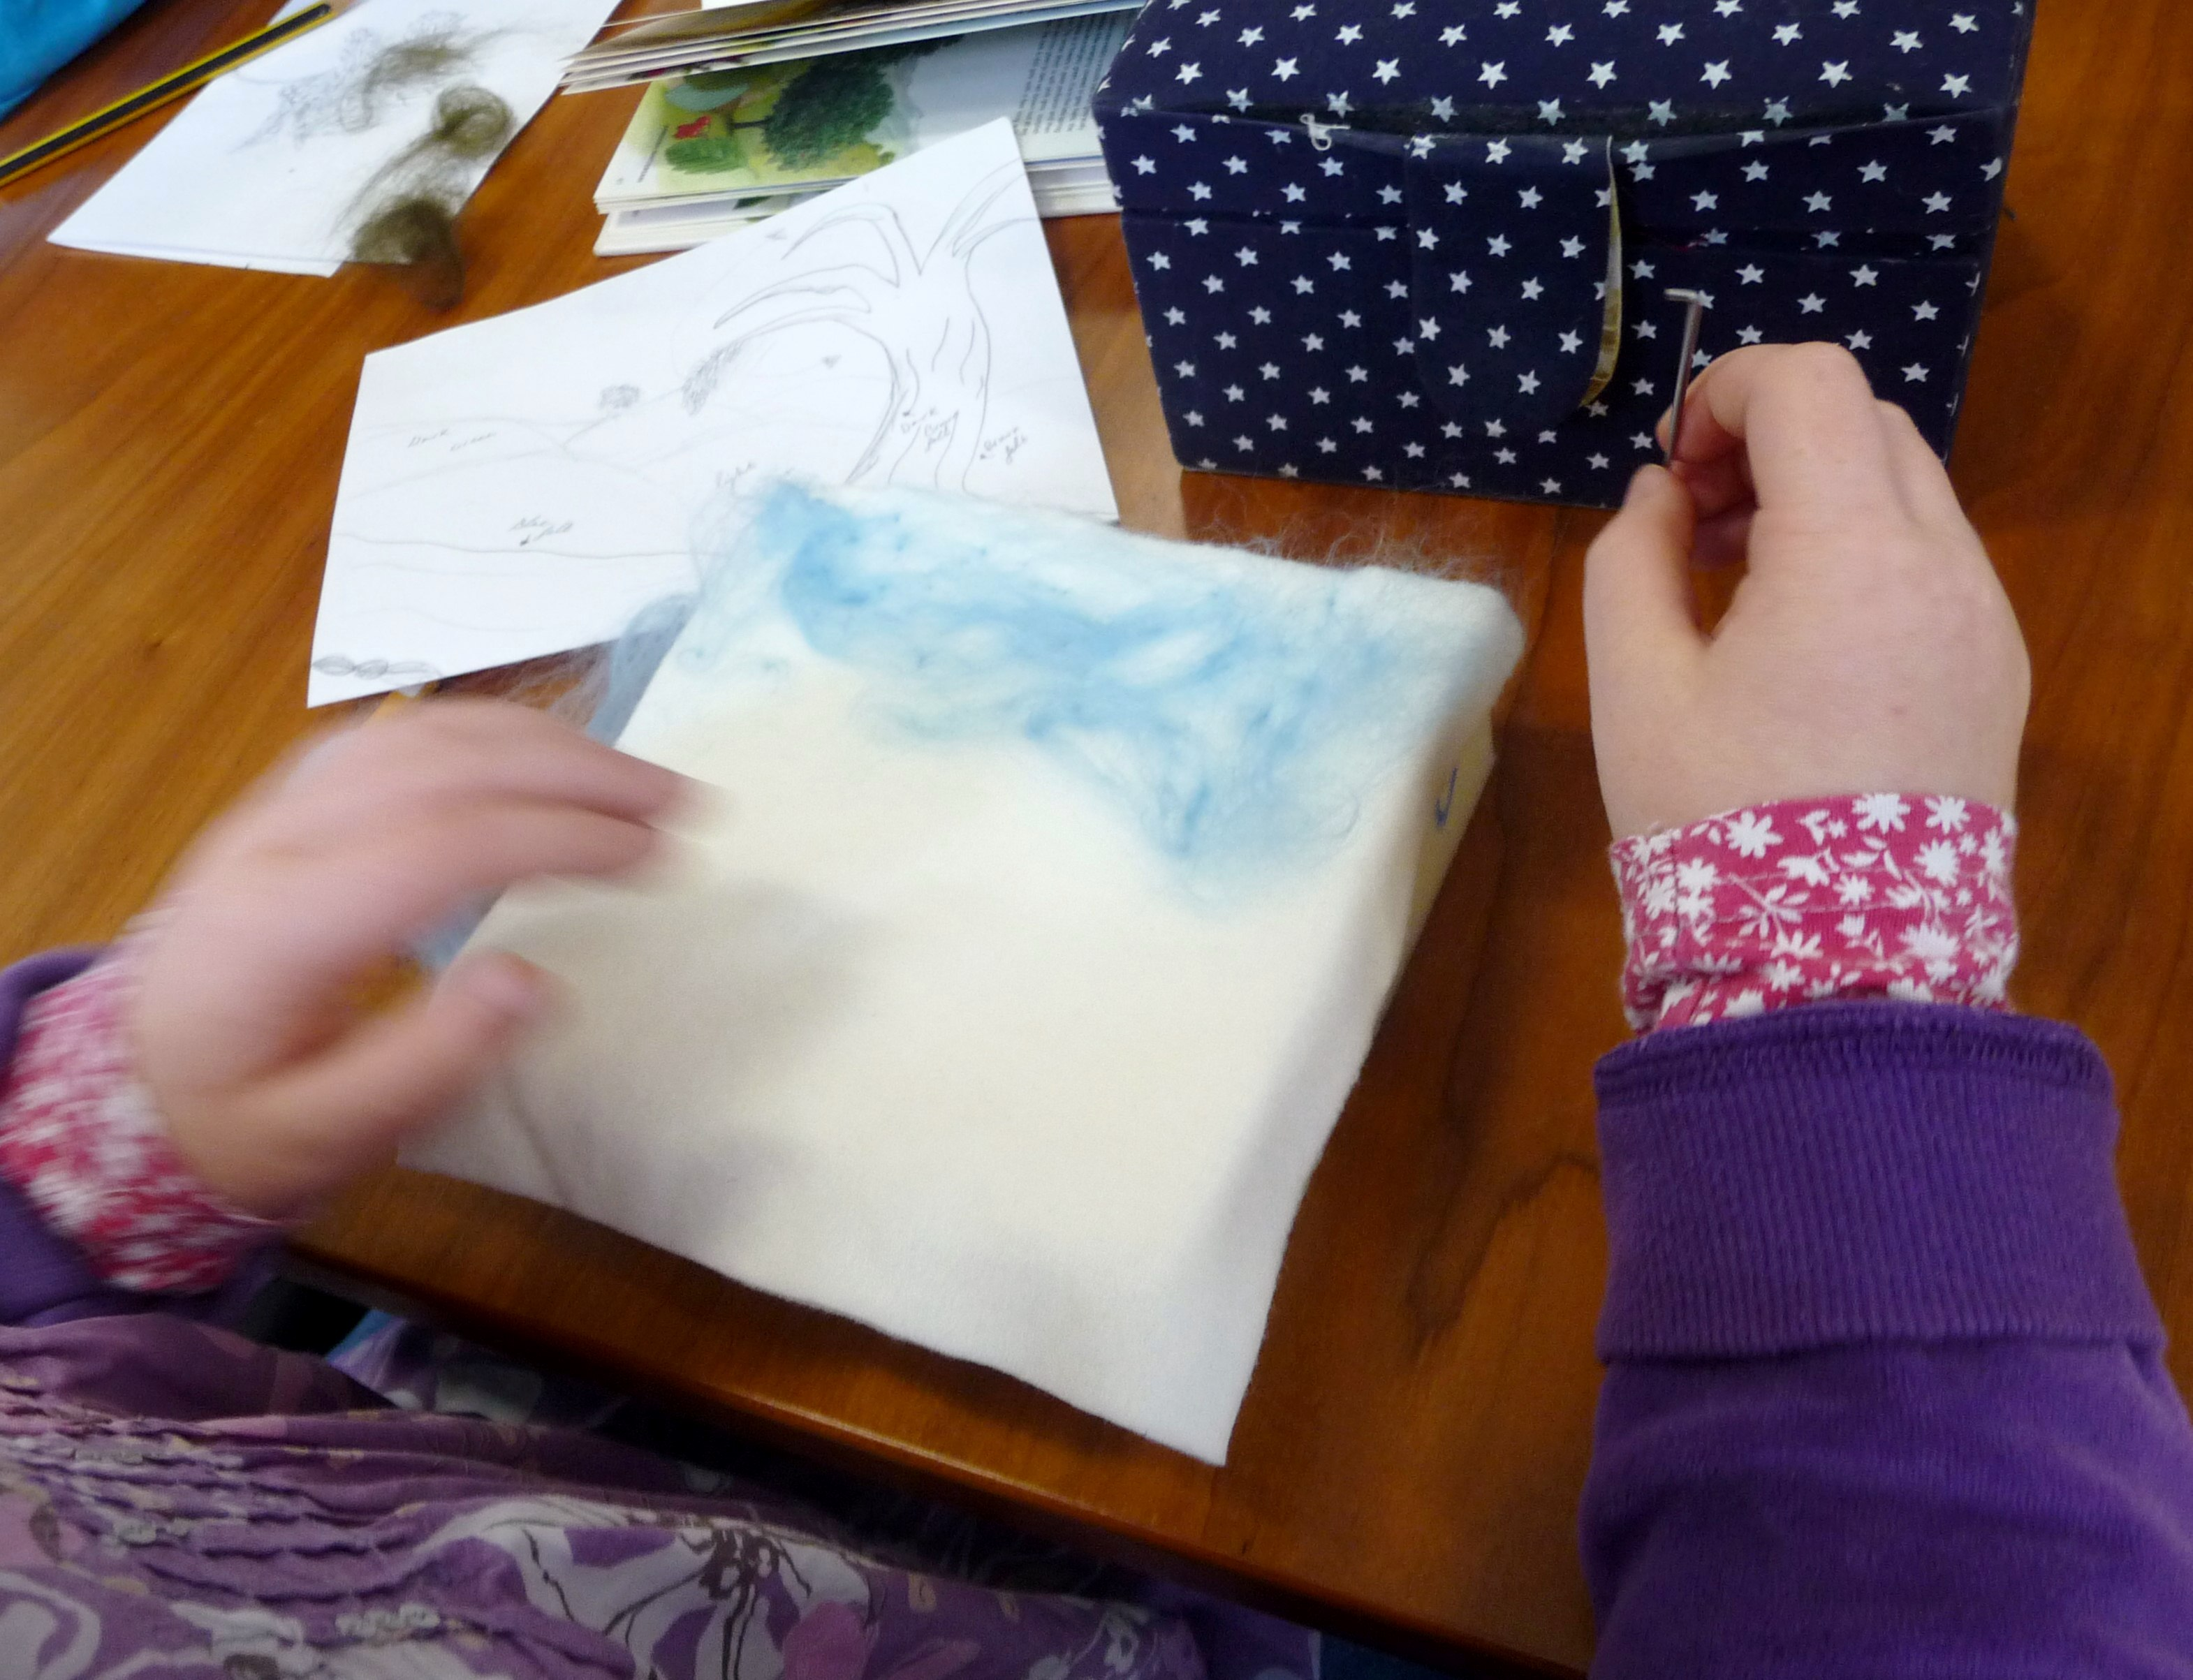 we were making needlefelted landscapes